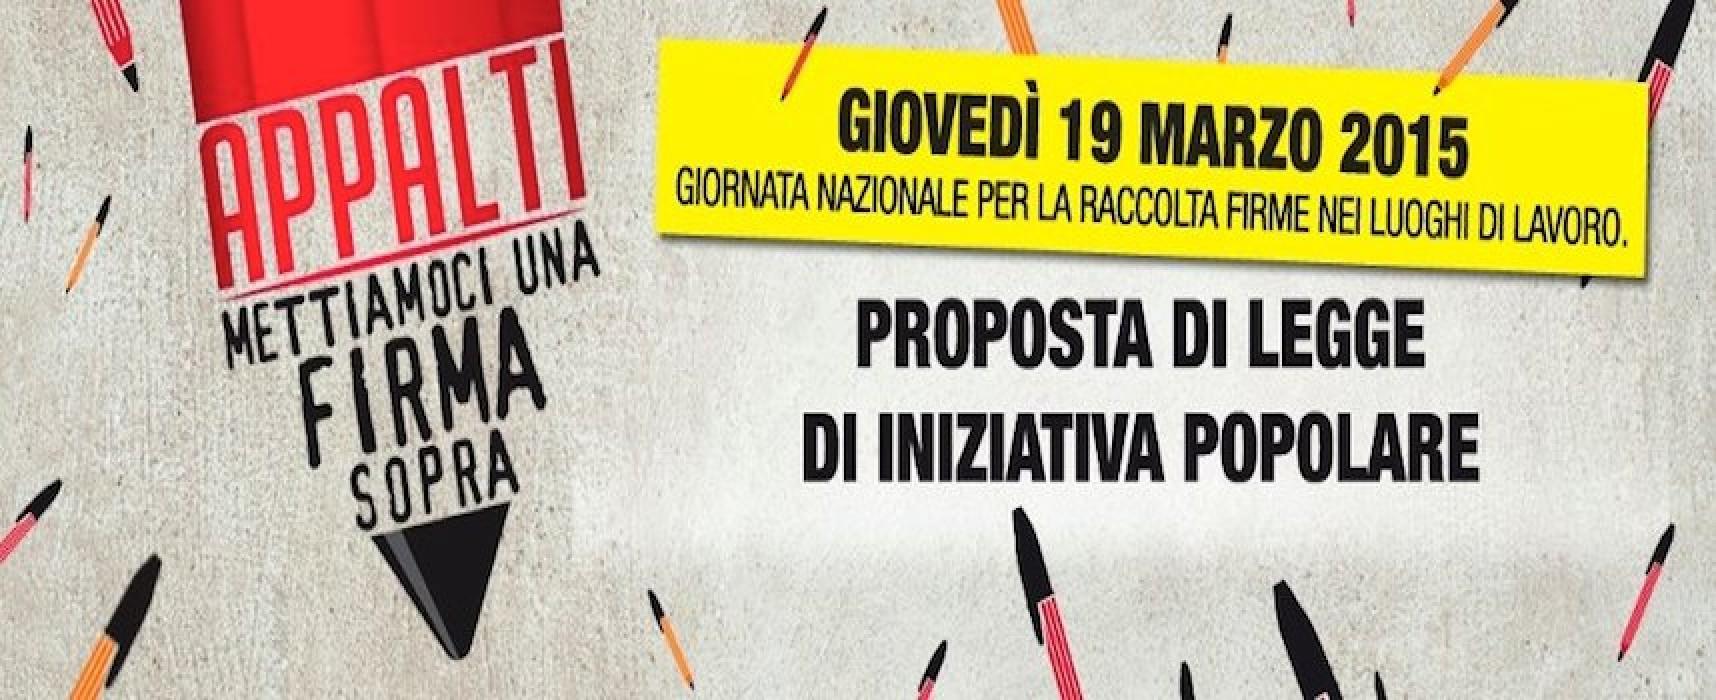 """""""Appalti, mettiamoci una firma sopra"""", il 19 marzo arriva a Bisceglie la raccolta firme della CGIL BAT"""